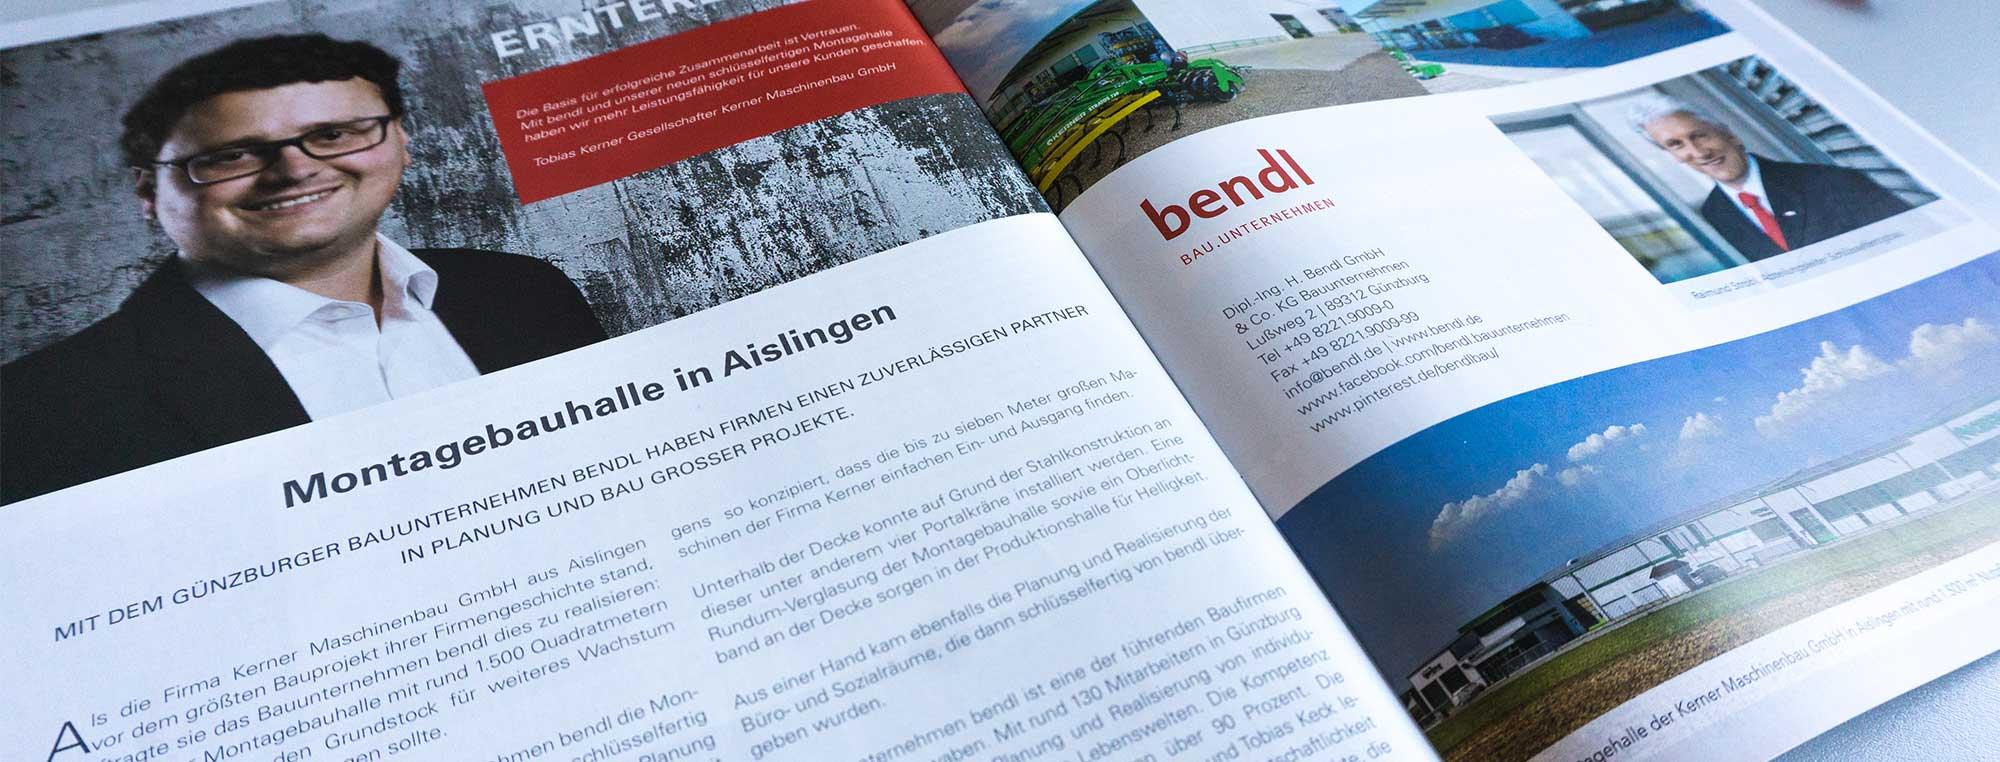 Bauunternehmen bendl ist zuverlässiger Partner in Planung und Bau großer Projekte - Montagehalle Kerner Maschinenbau GmbH